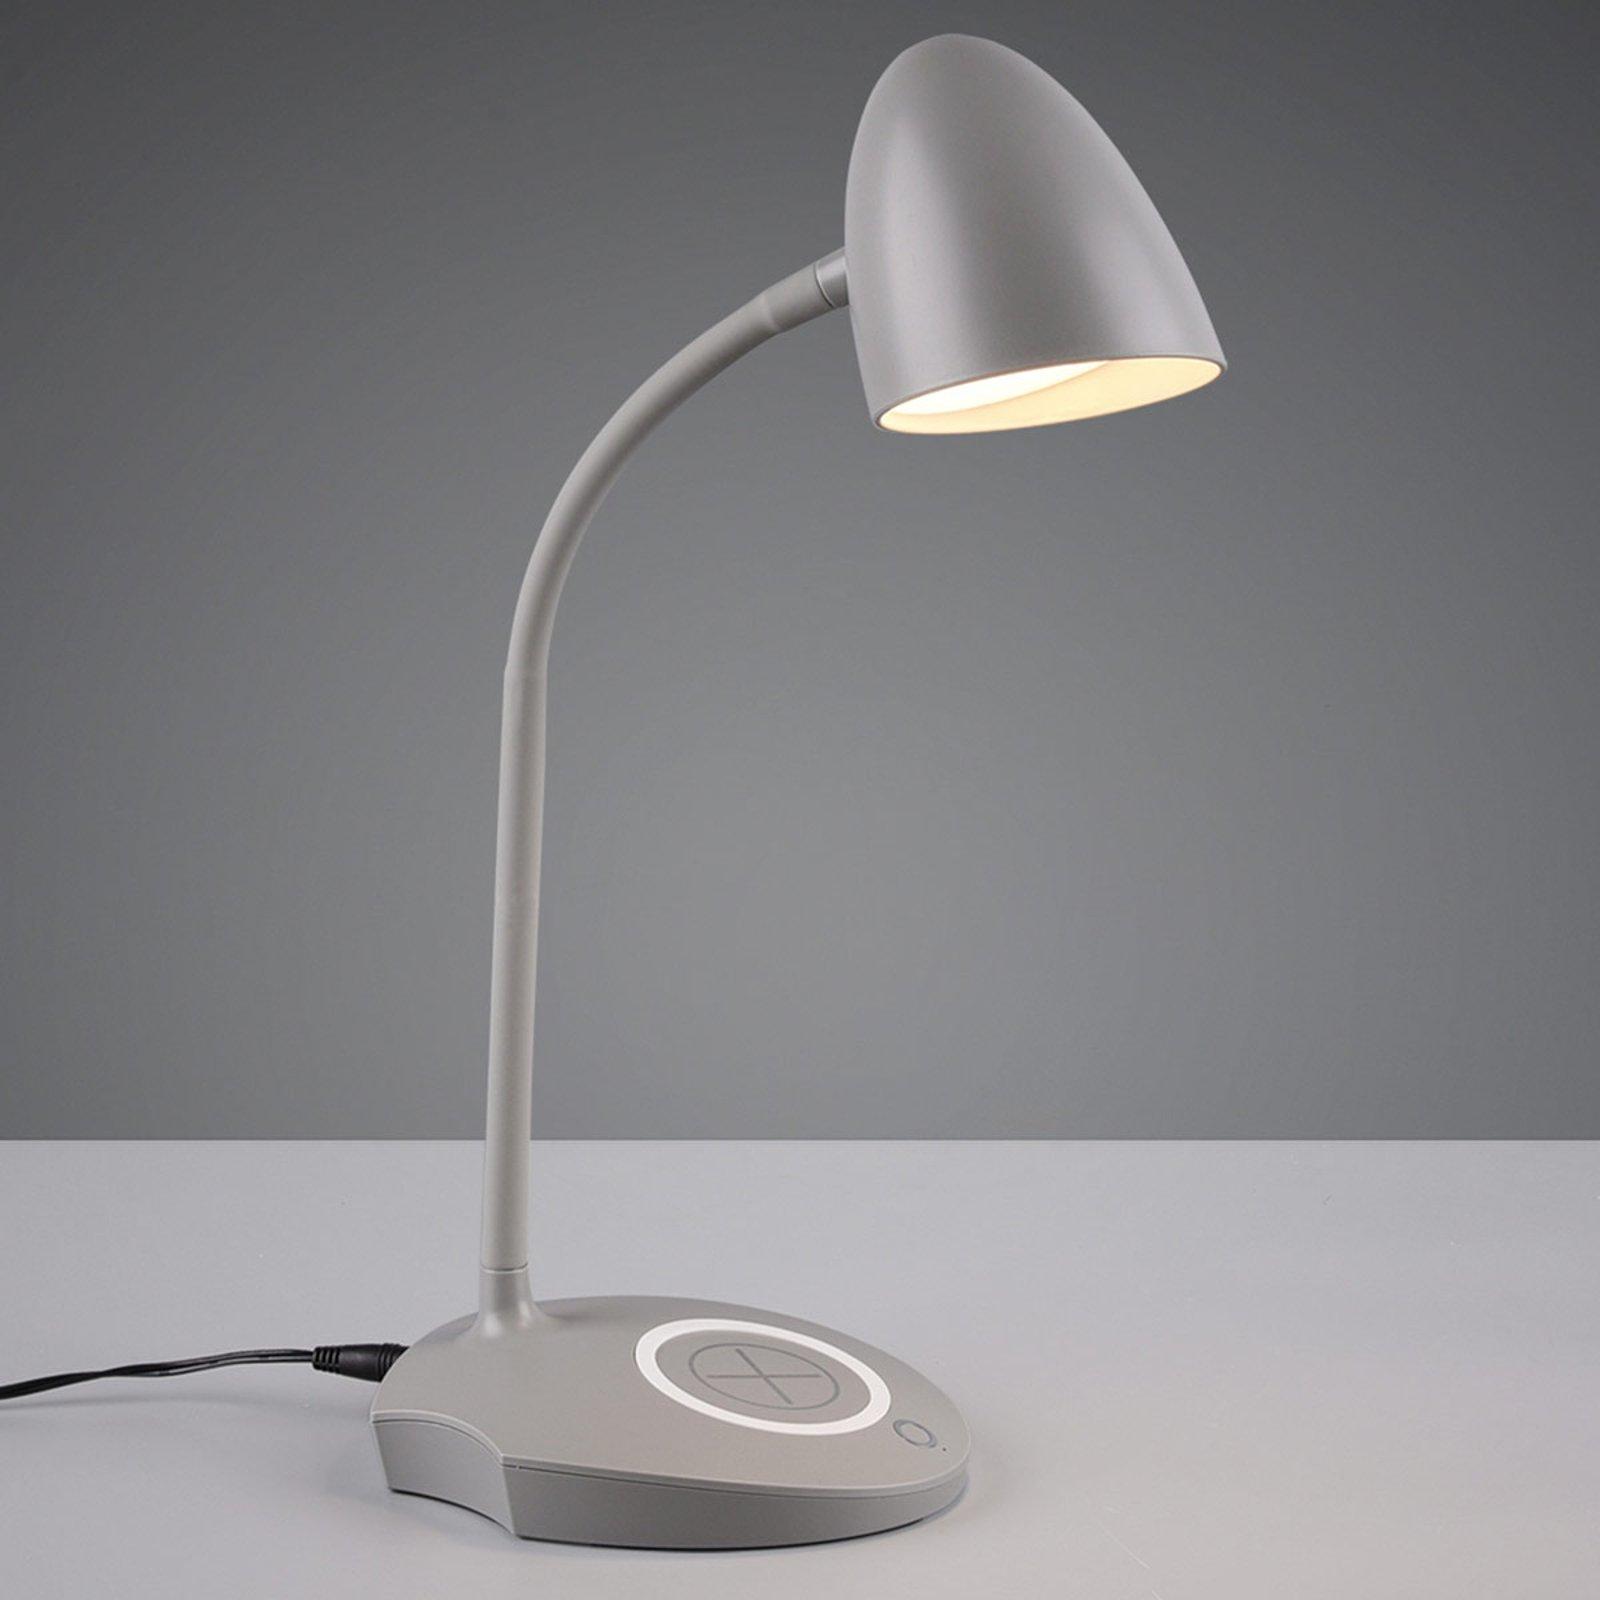 LED-bordlampe Load, induktiv ladestasjon, grå